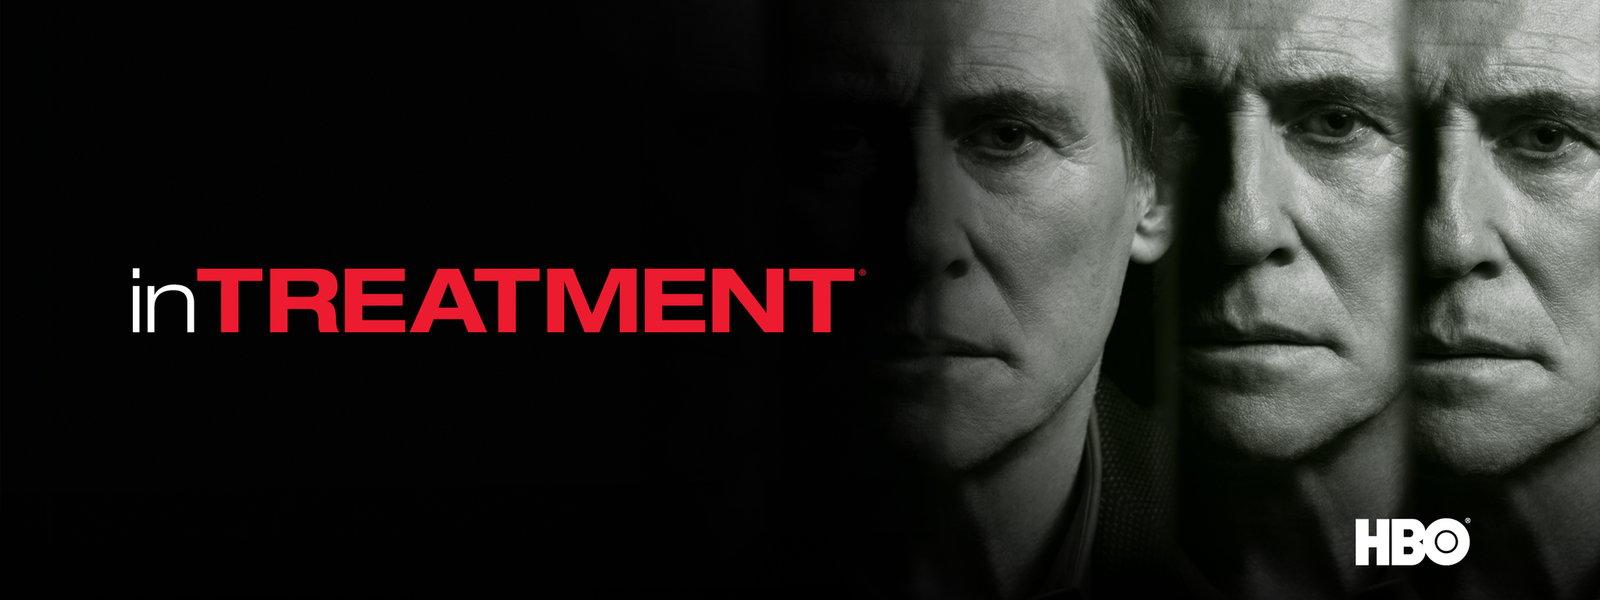 イン・トリートメント シーズン1 動画